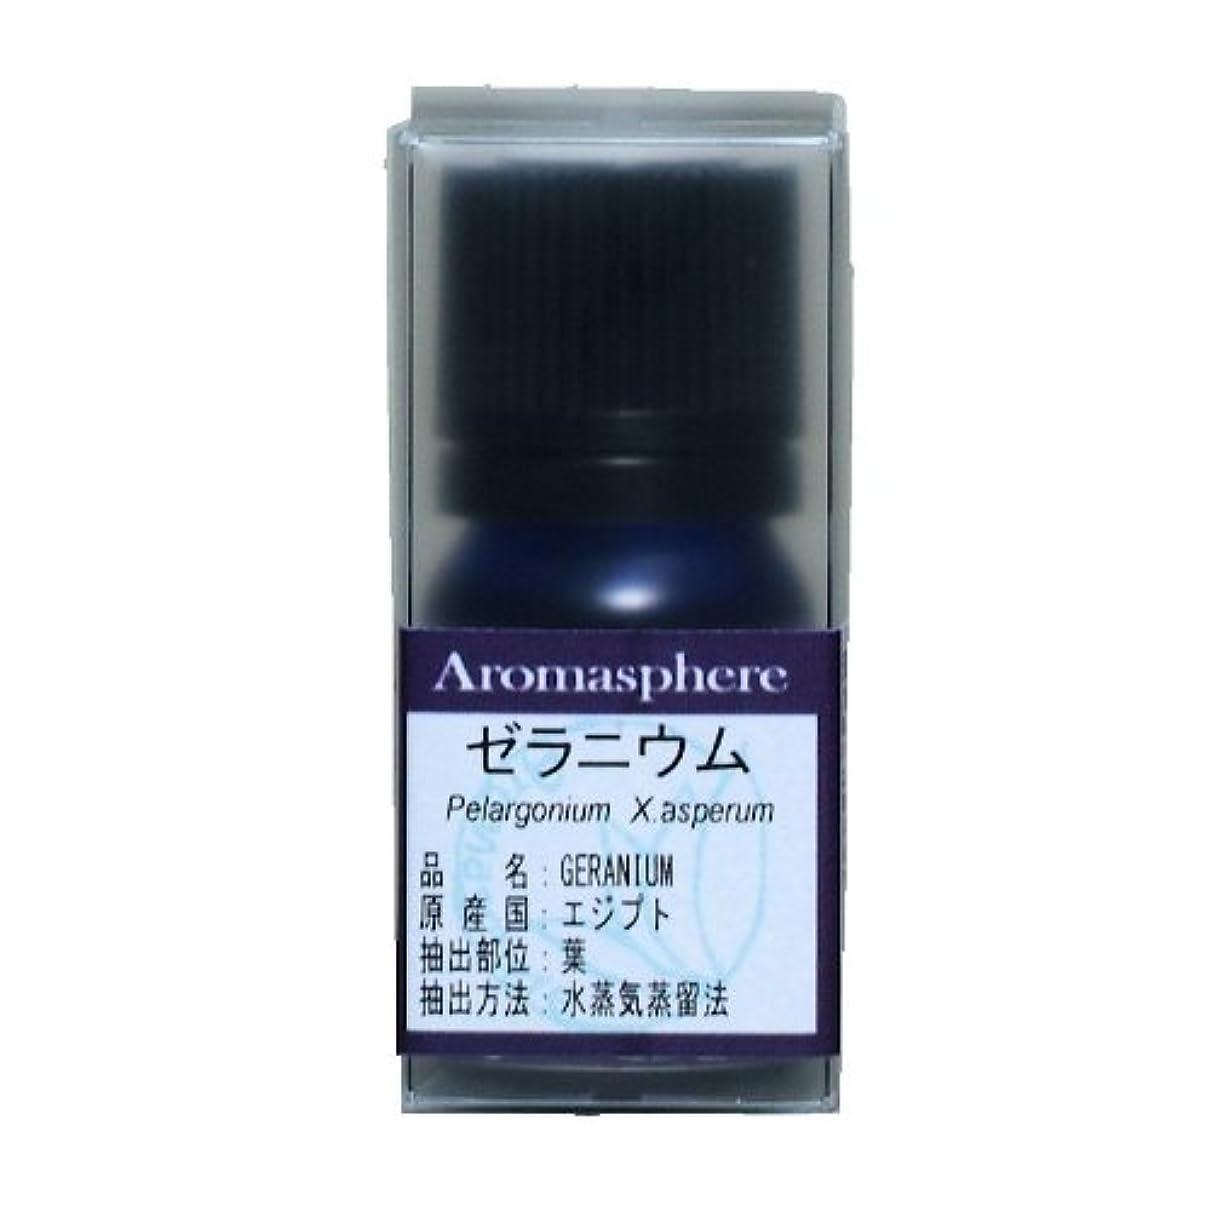 エゴイズム主に適切に【アロマスフィア】ゼラニウム 5ml エッセンシャルオイル(精油)